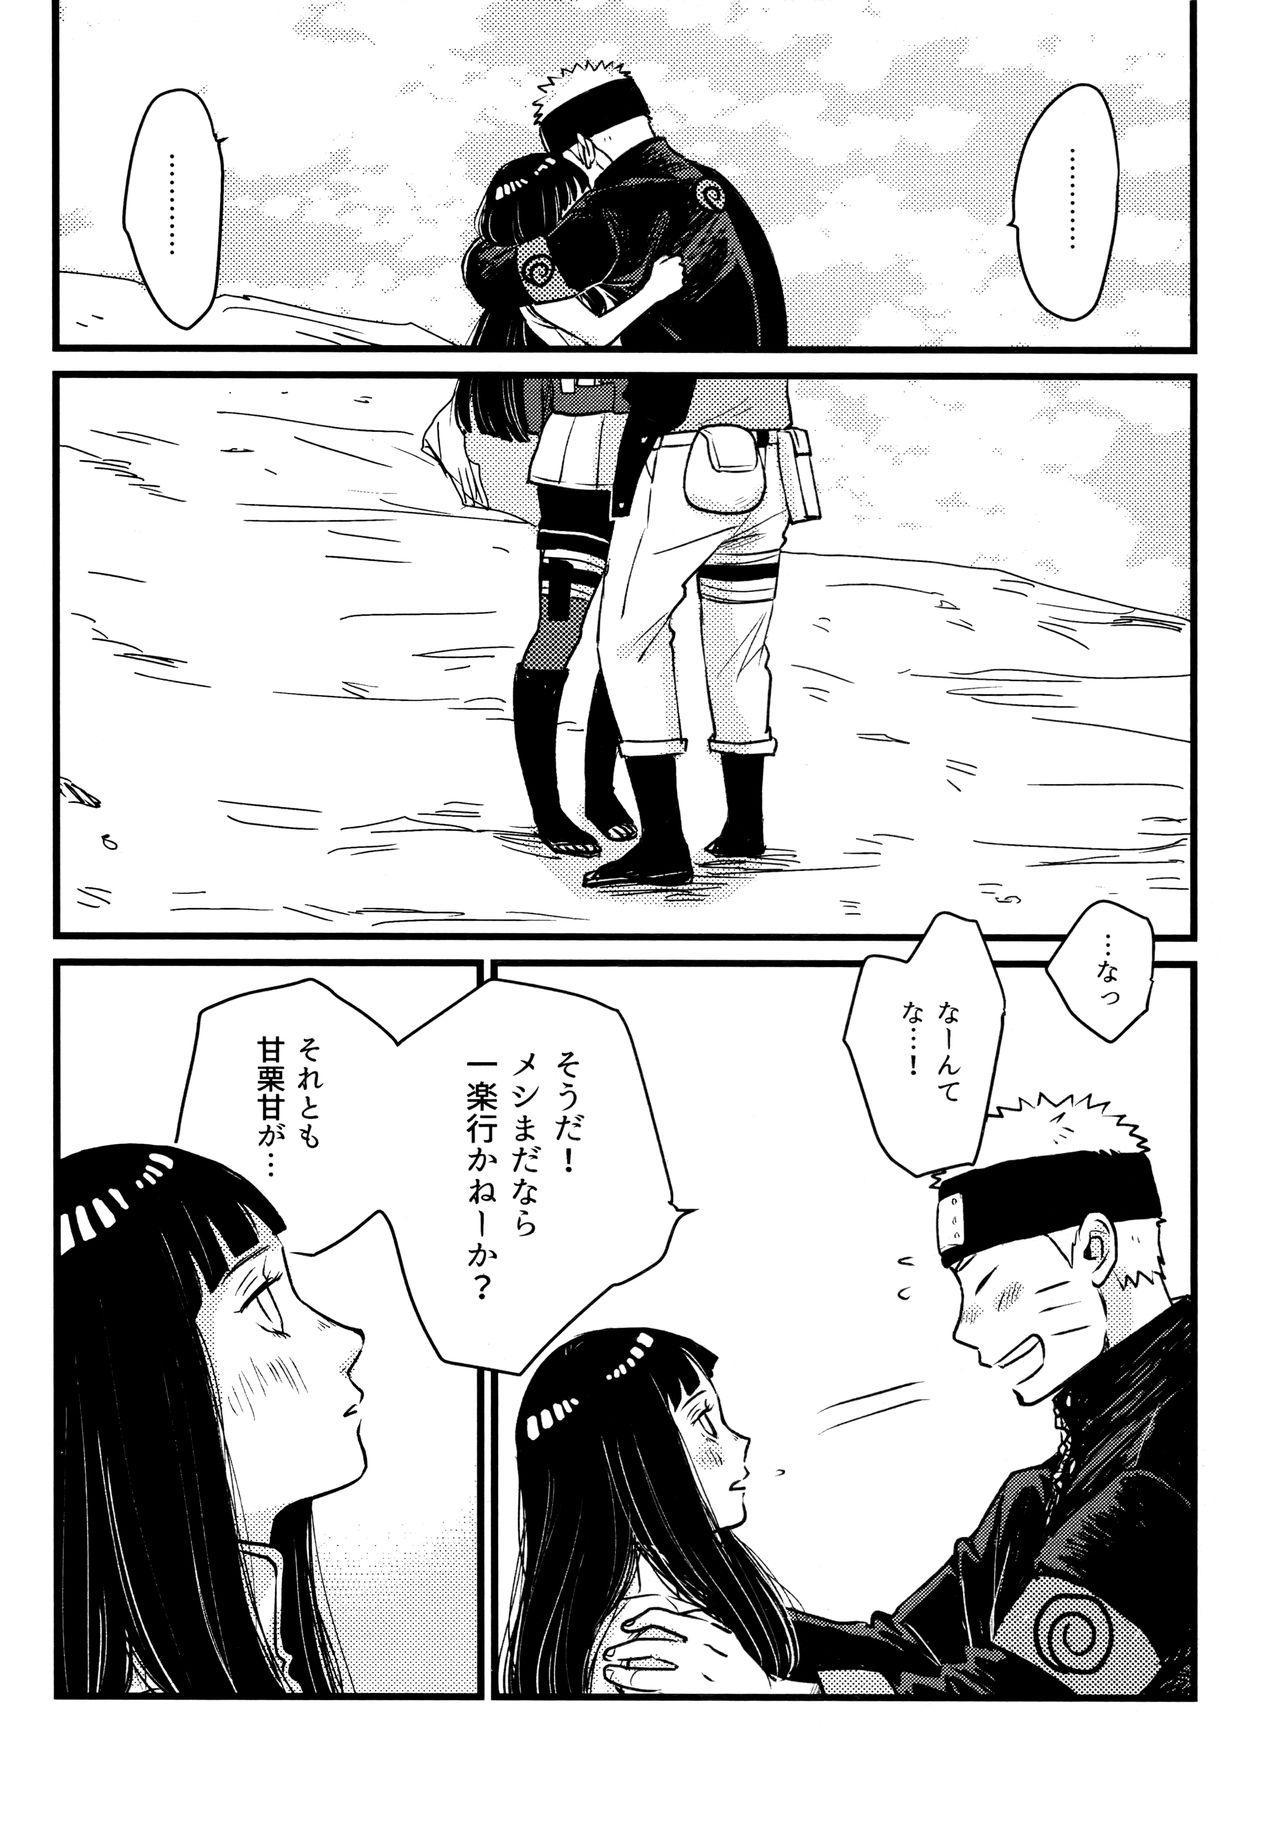 Koiwo Shiteiru Karada 1 + 2 29